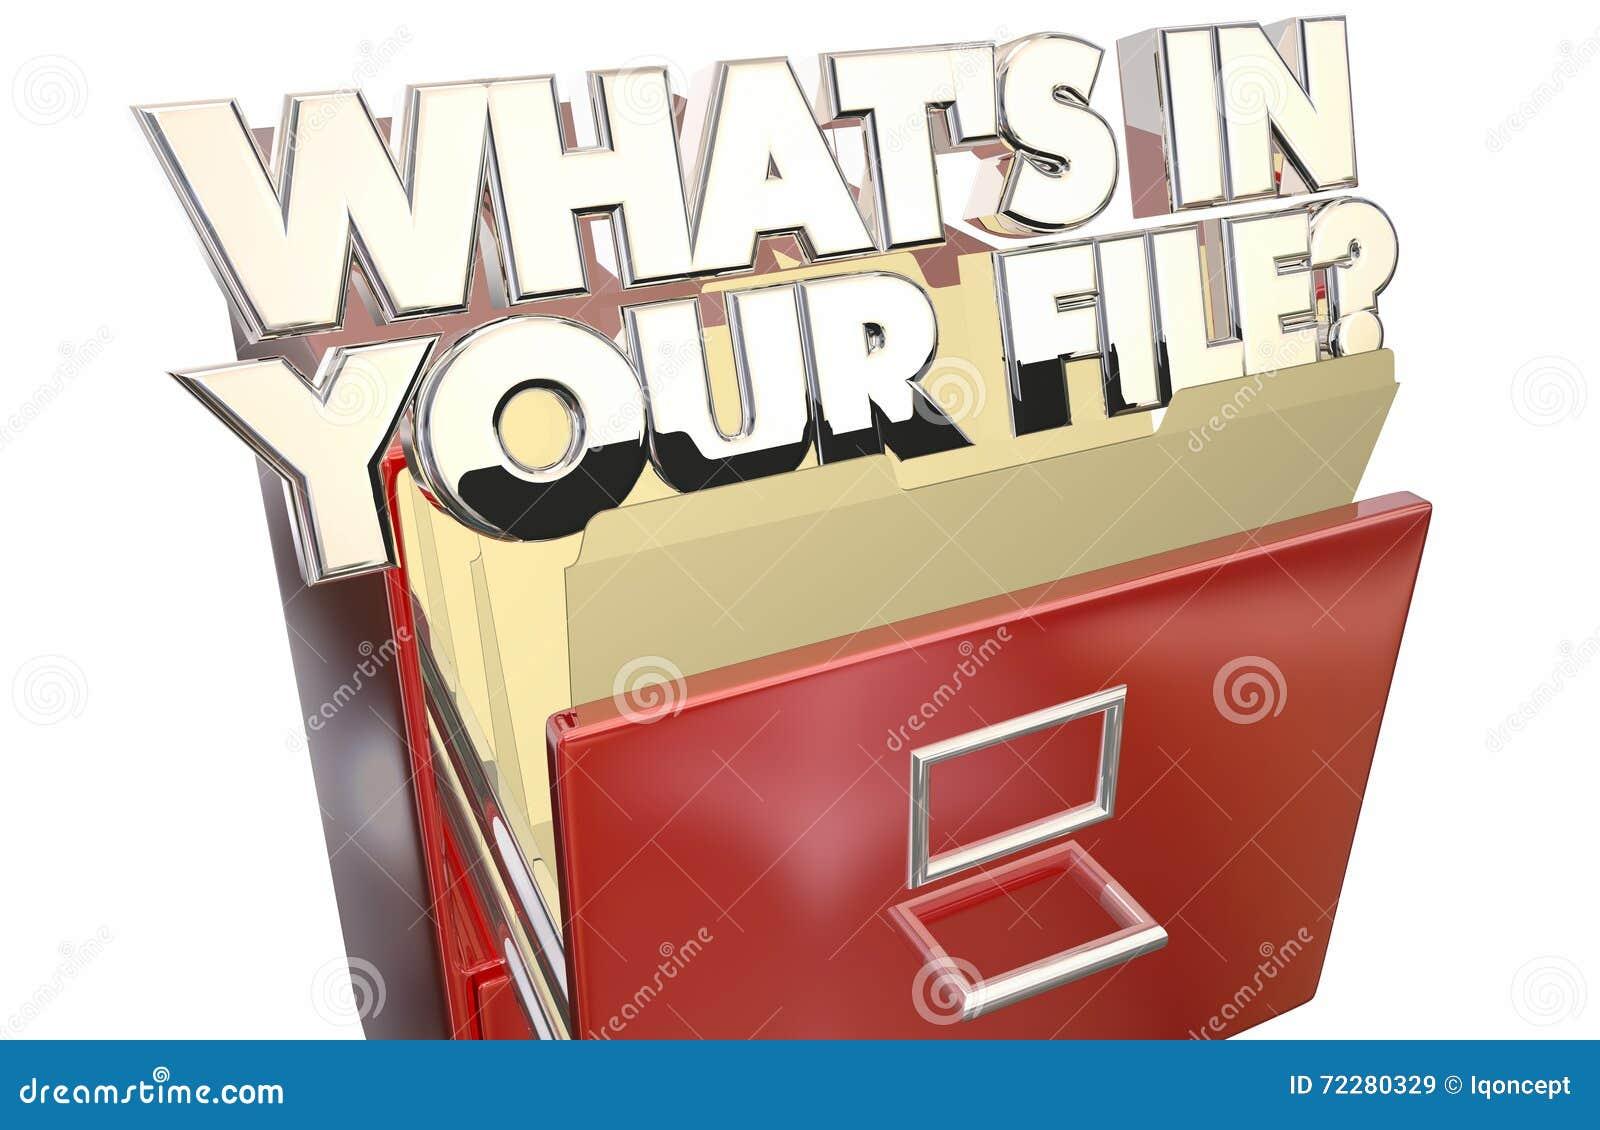 Download Что в ваших данных по персональной информации файла частных Иллюстрация штока - иллюстрации насчитывающей документ, архитектурноакустически: 72280329